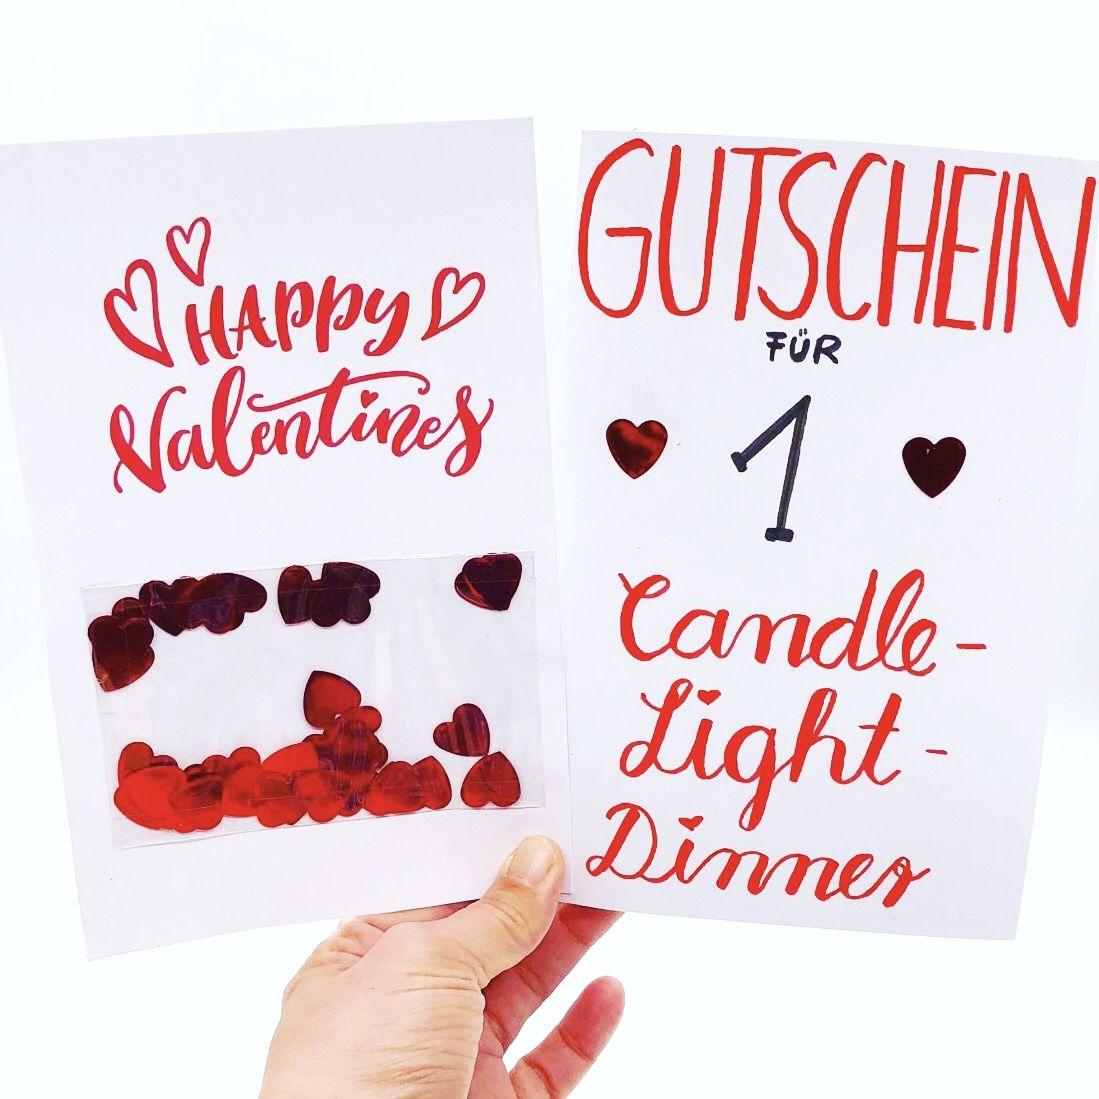 Karten Selbst Gestalten Valentinstag Karte Selber Machen Karten Gestalten Karten Selber Machen Valentinstag Karten